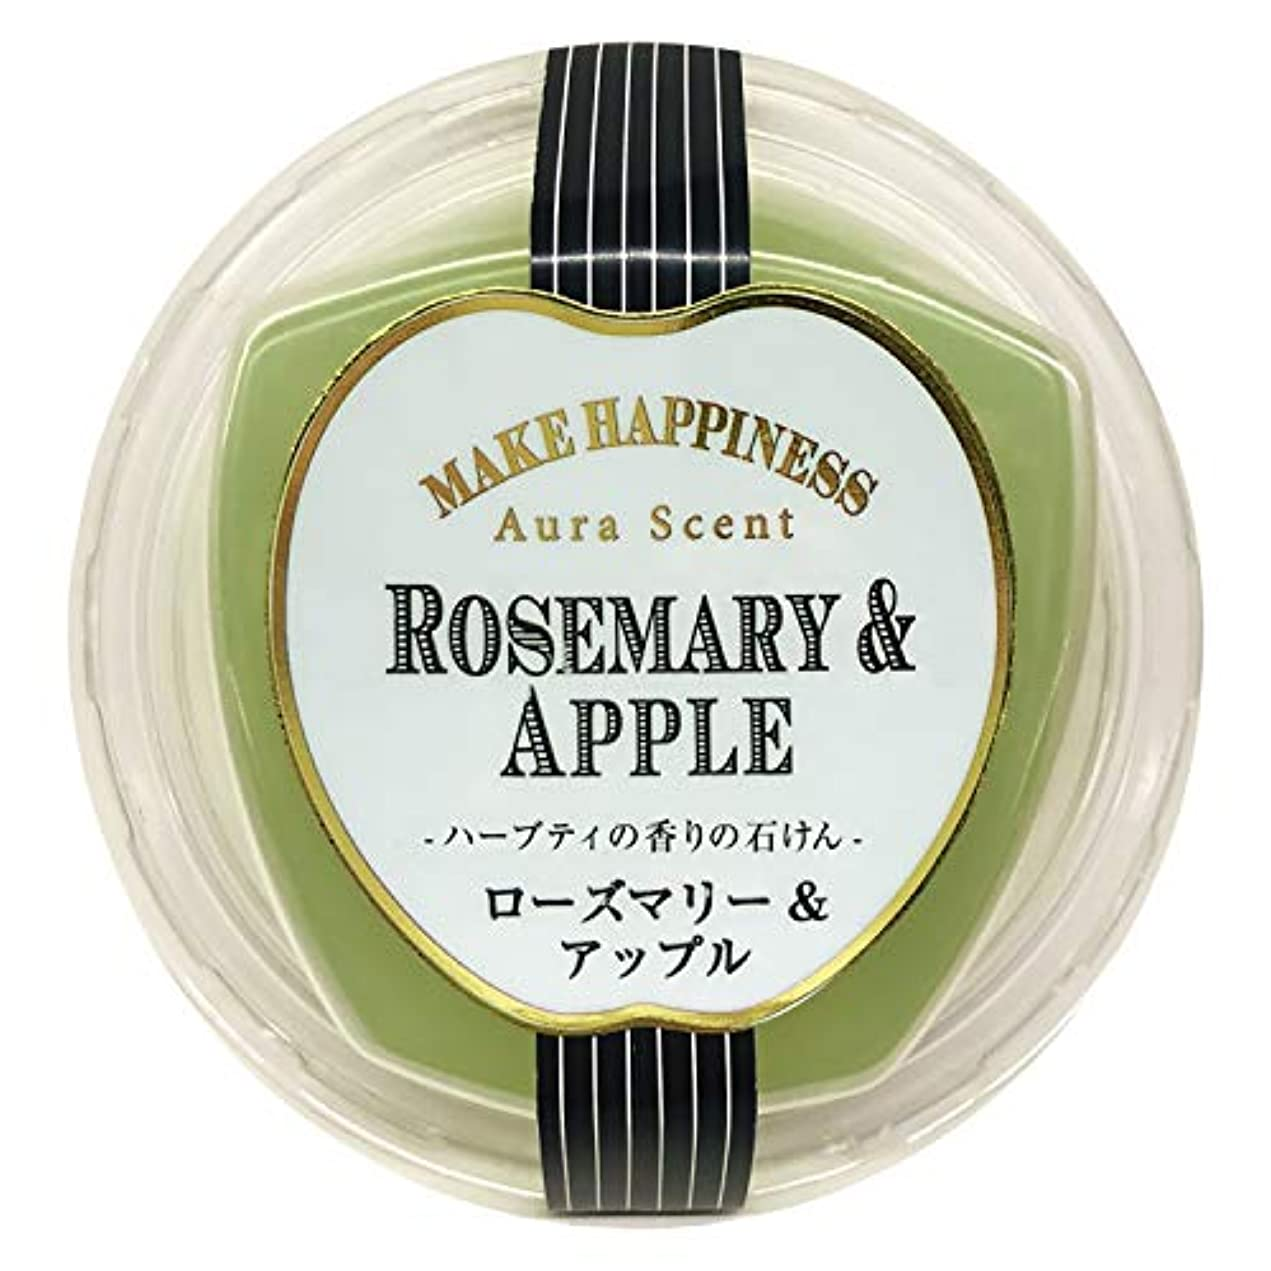 権限ストレス問題ペリカン石鹸 オーラセント クリアソープ ローズマリー&アップル 75g